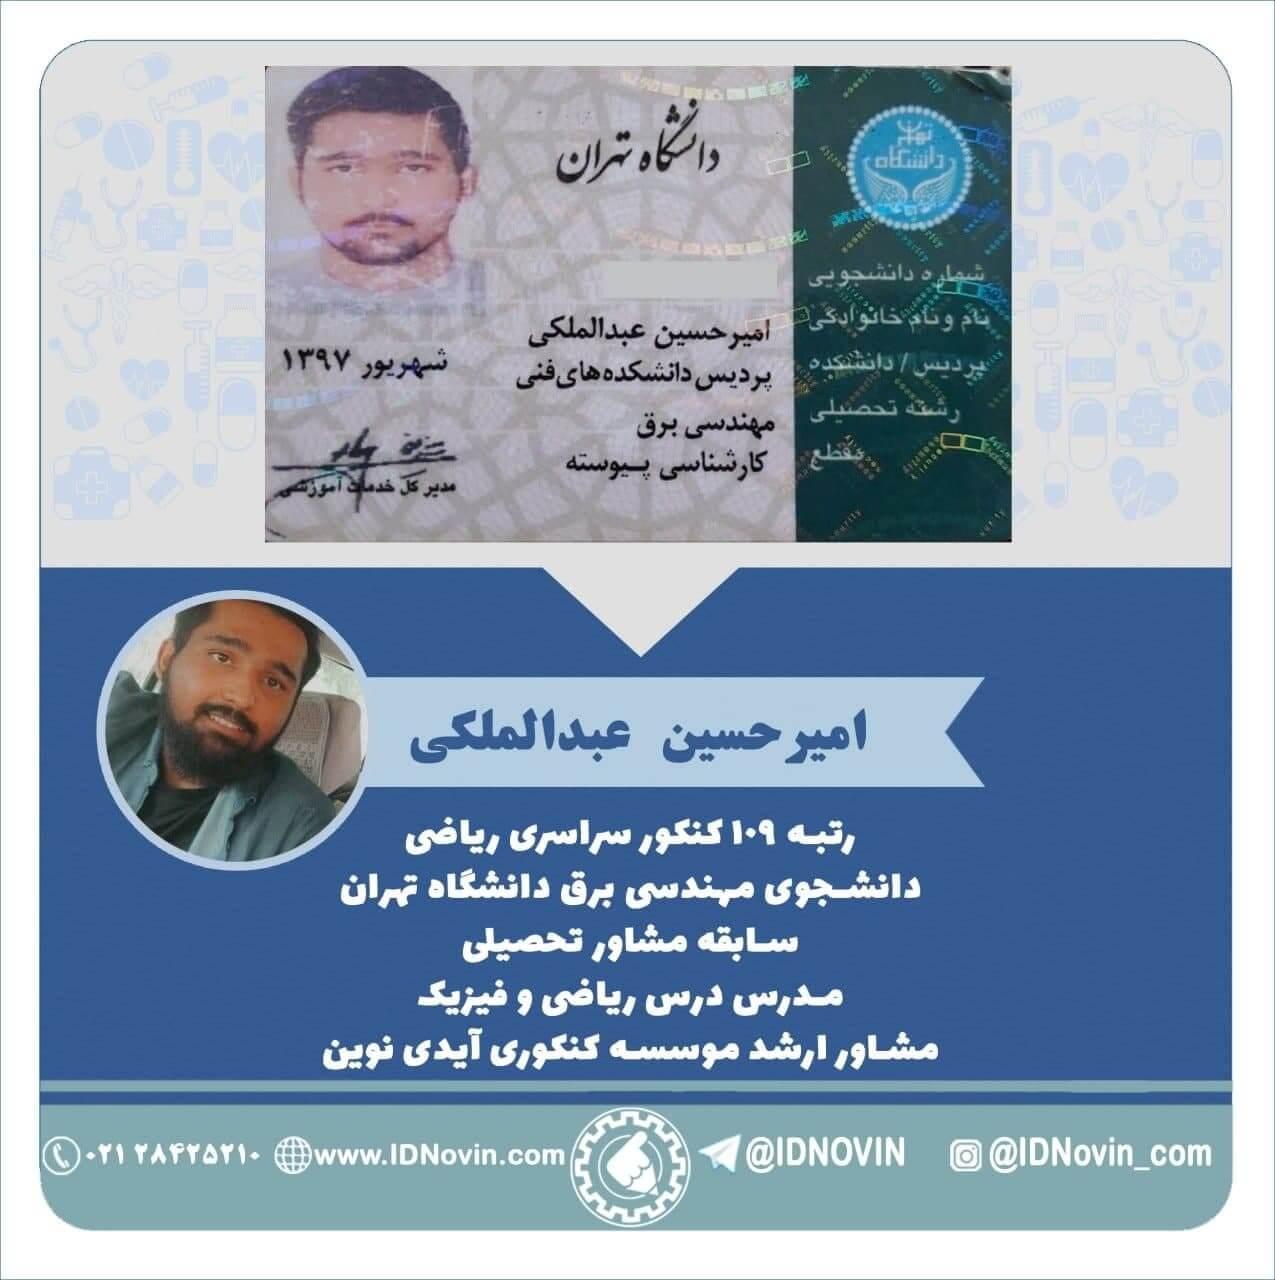 امیرحسین عبدالملکی - مهندسی برق دانشگاه تهران